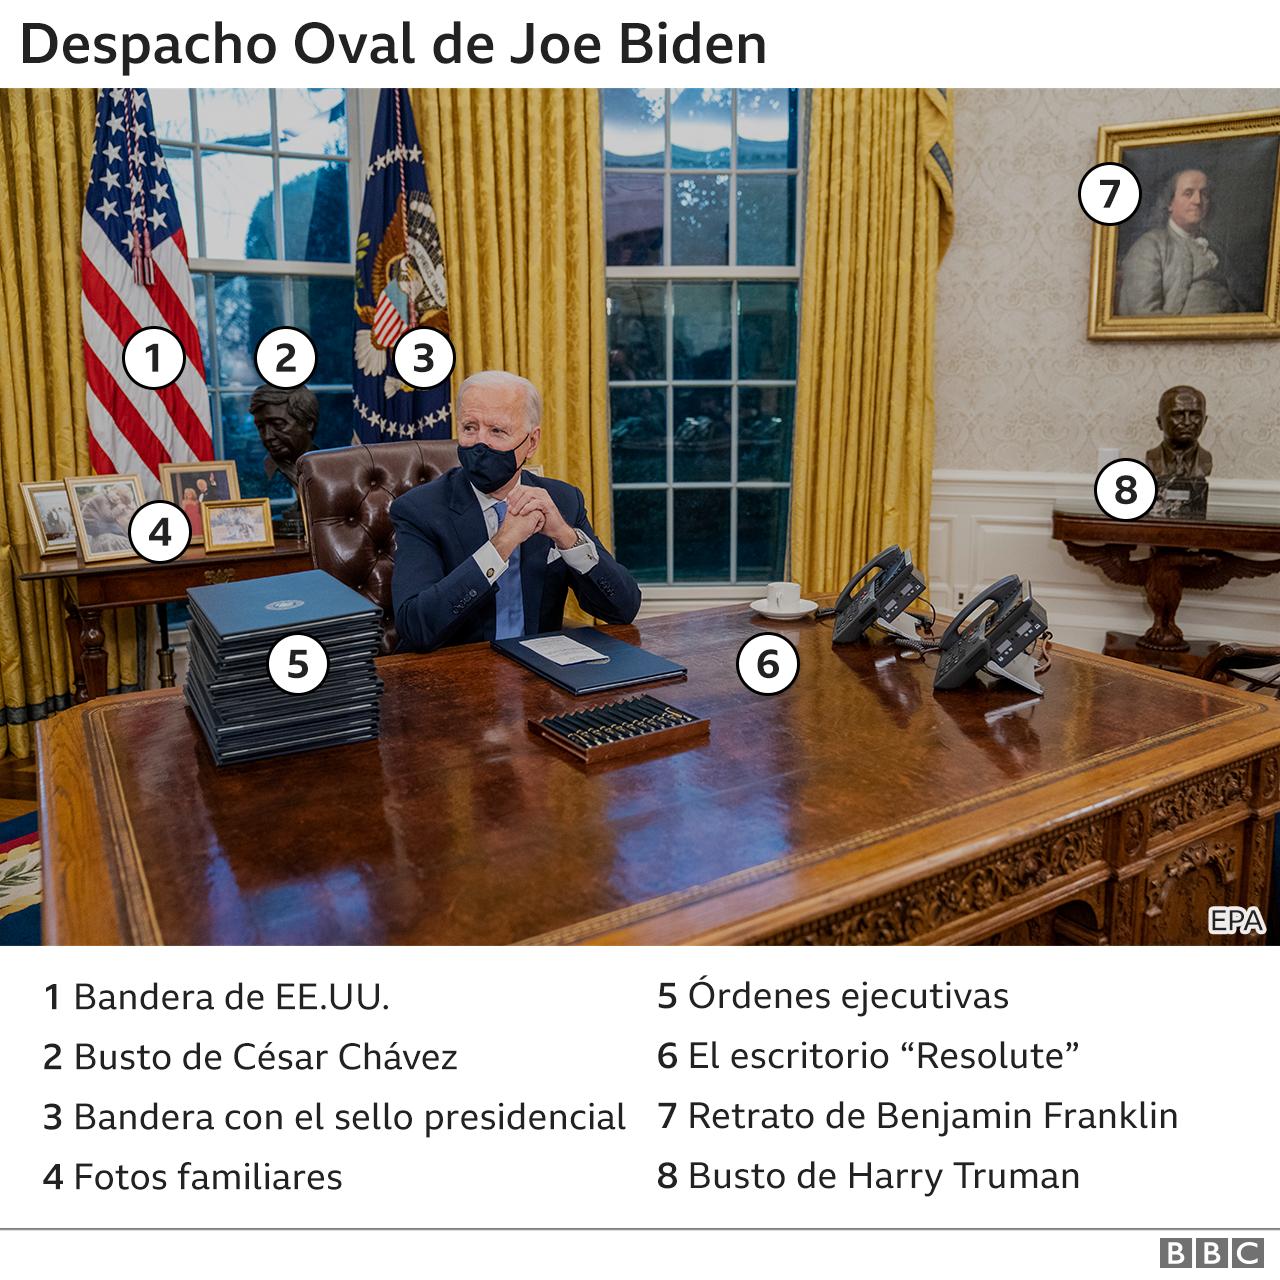 Foto de Biden con la explicación de los cambios.